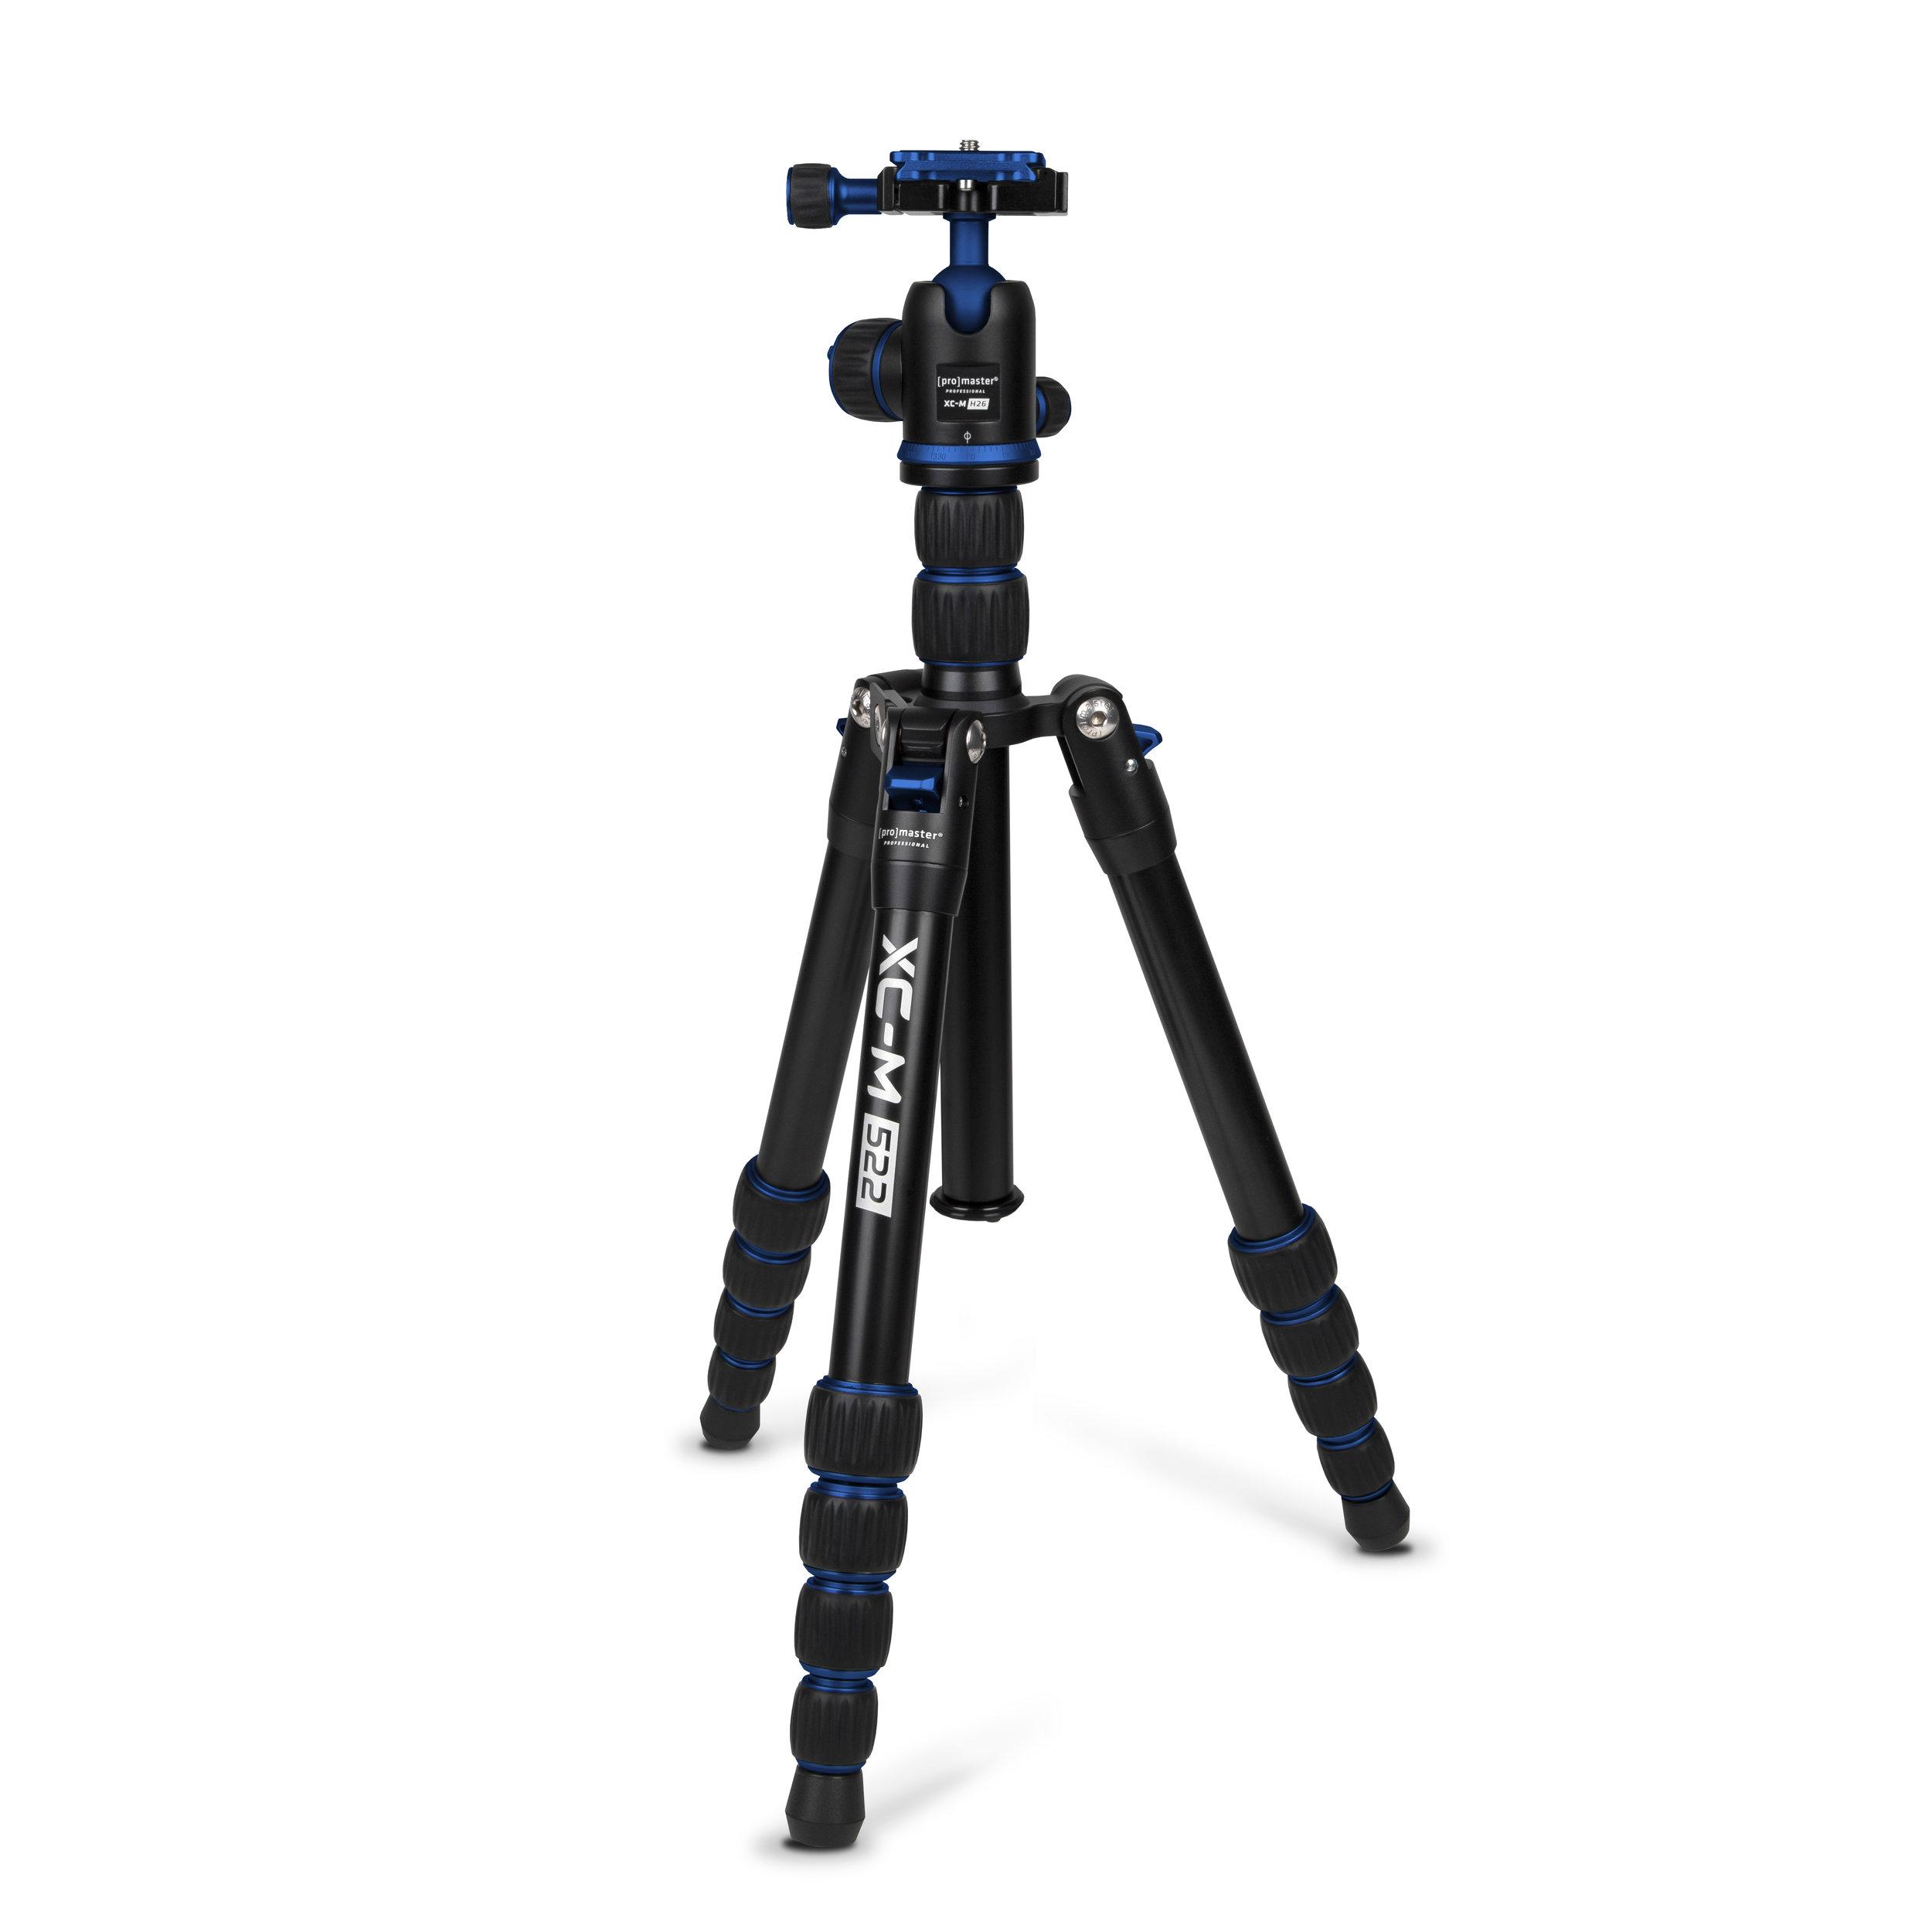 XC-M 522 ALUMINUM - BLUE   $159.95